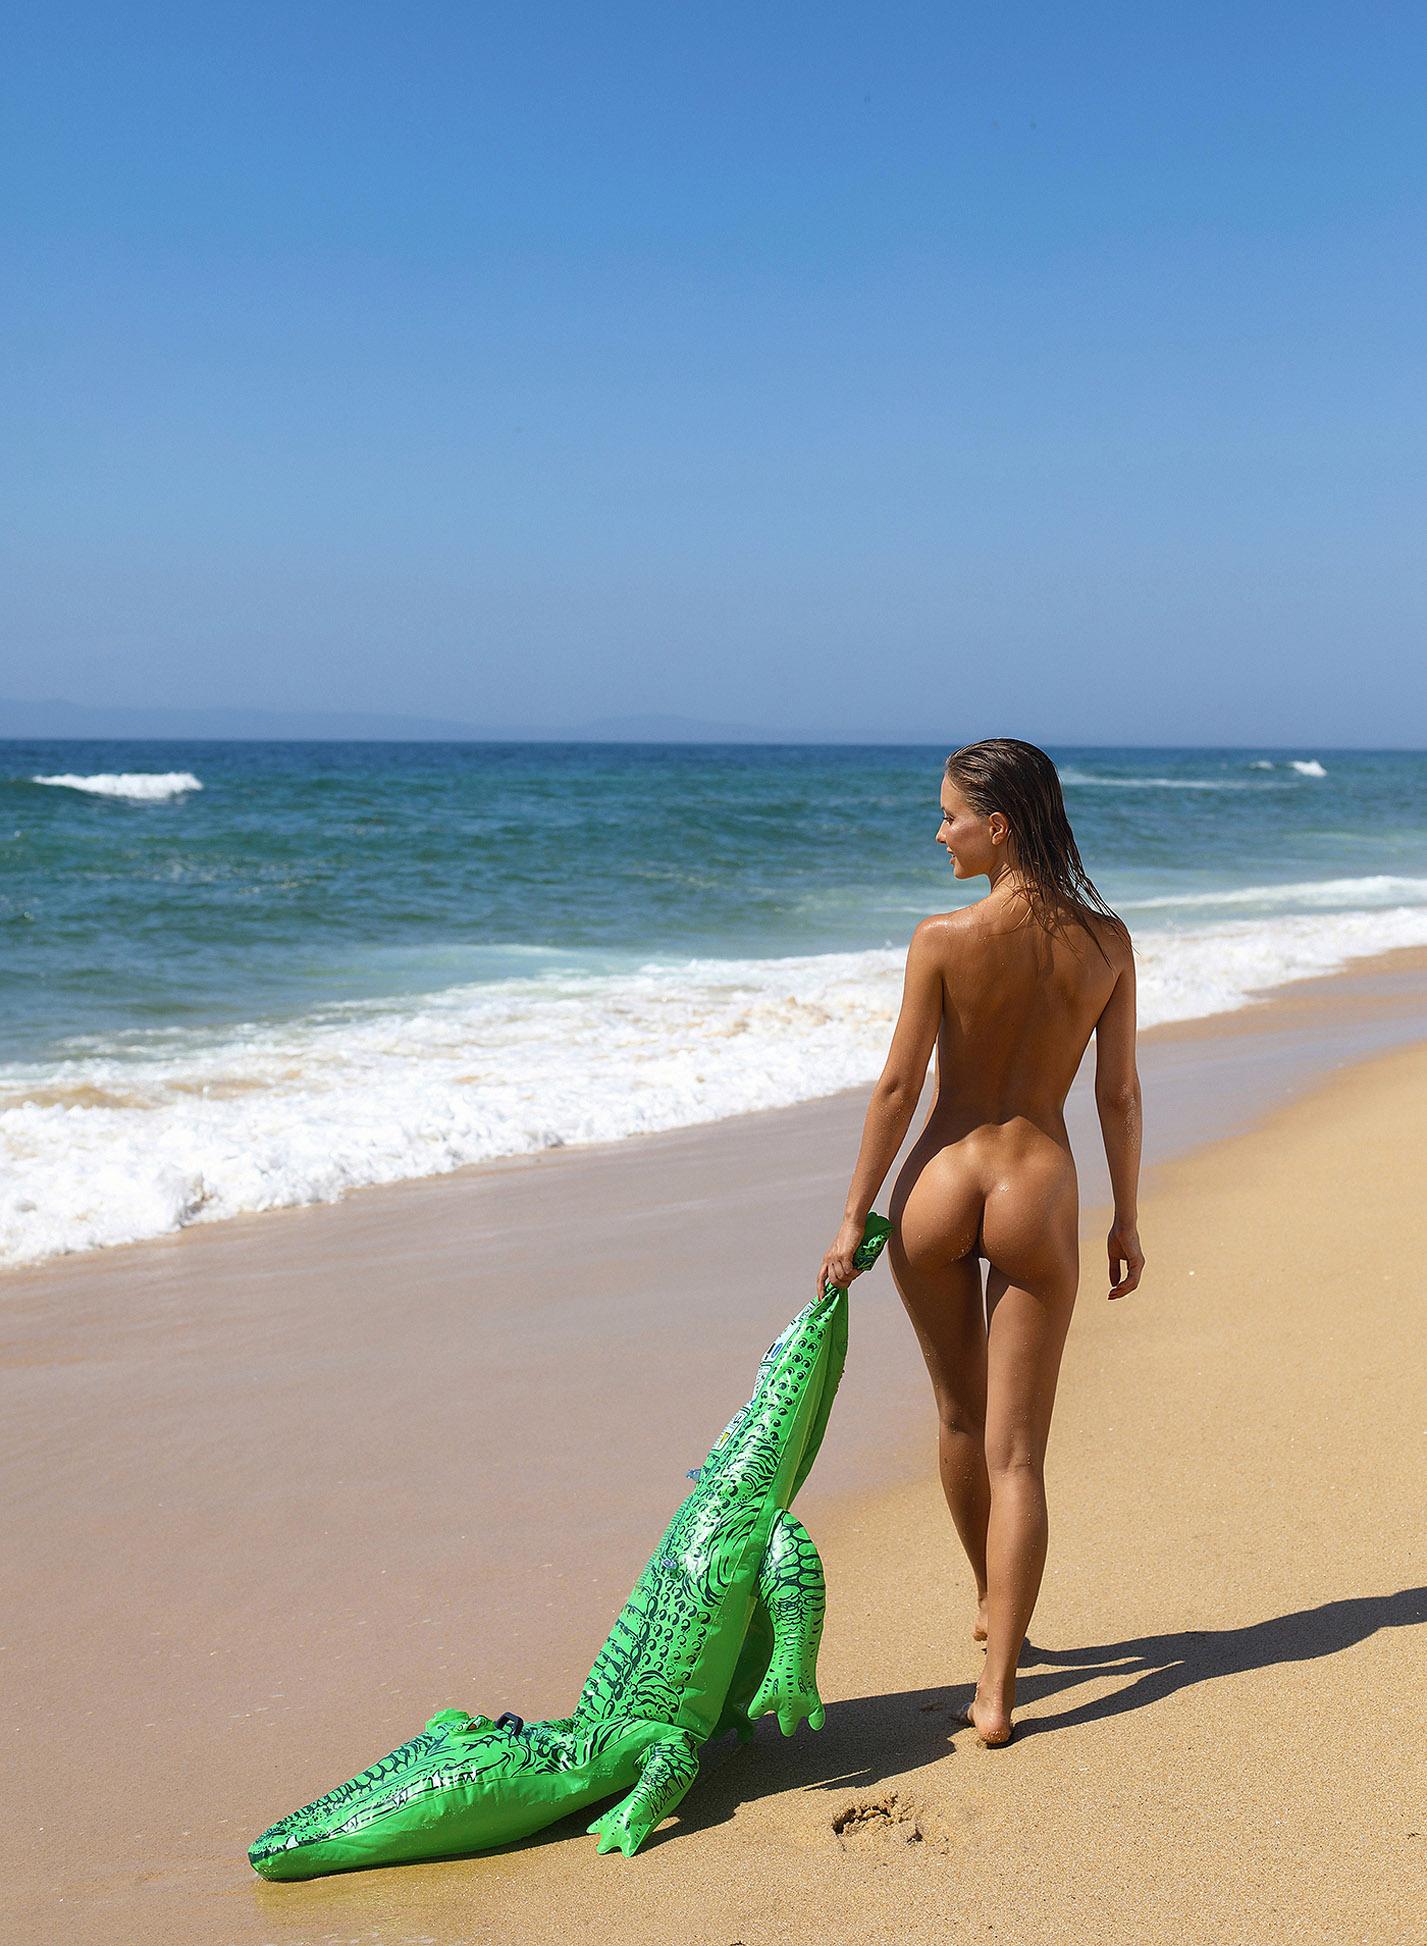 Сексуальная голая Наталья Андреева под жарким солнцем на диком пляже в Португалии / фото 18